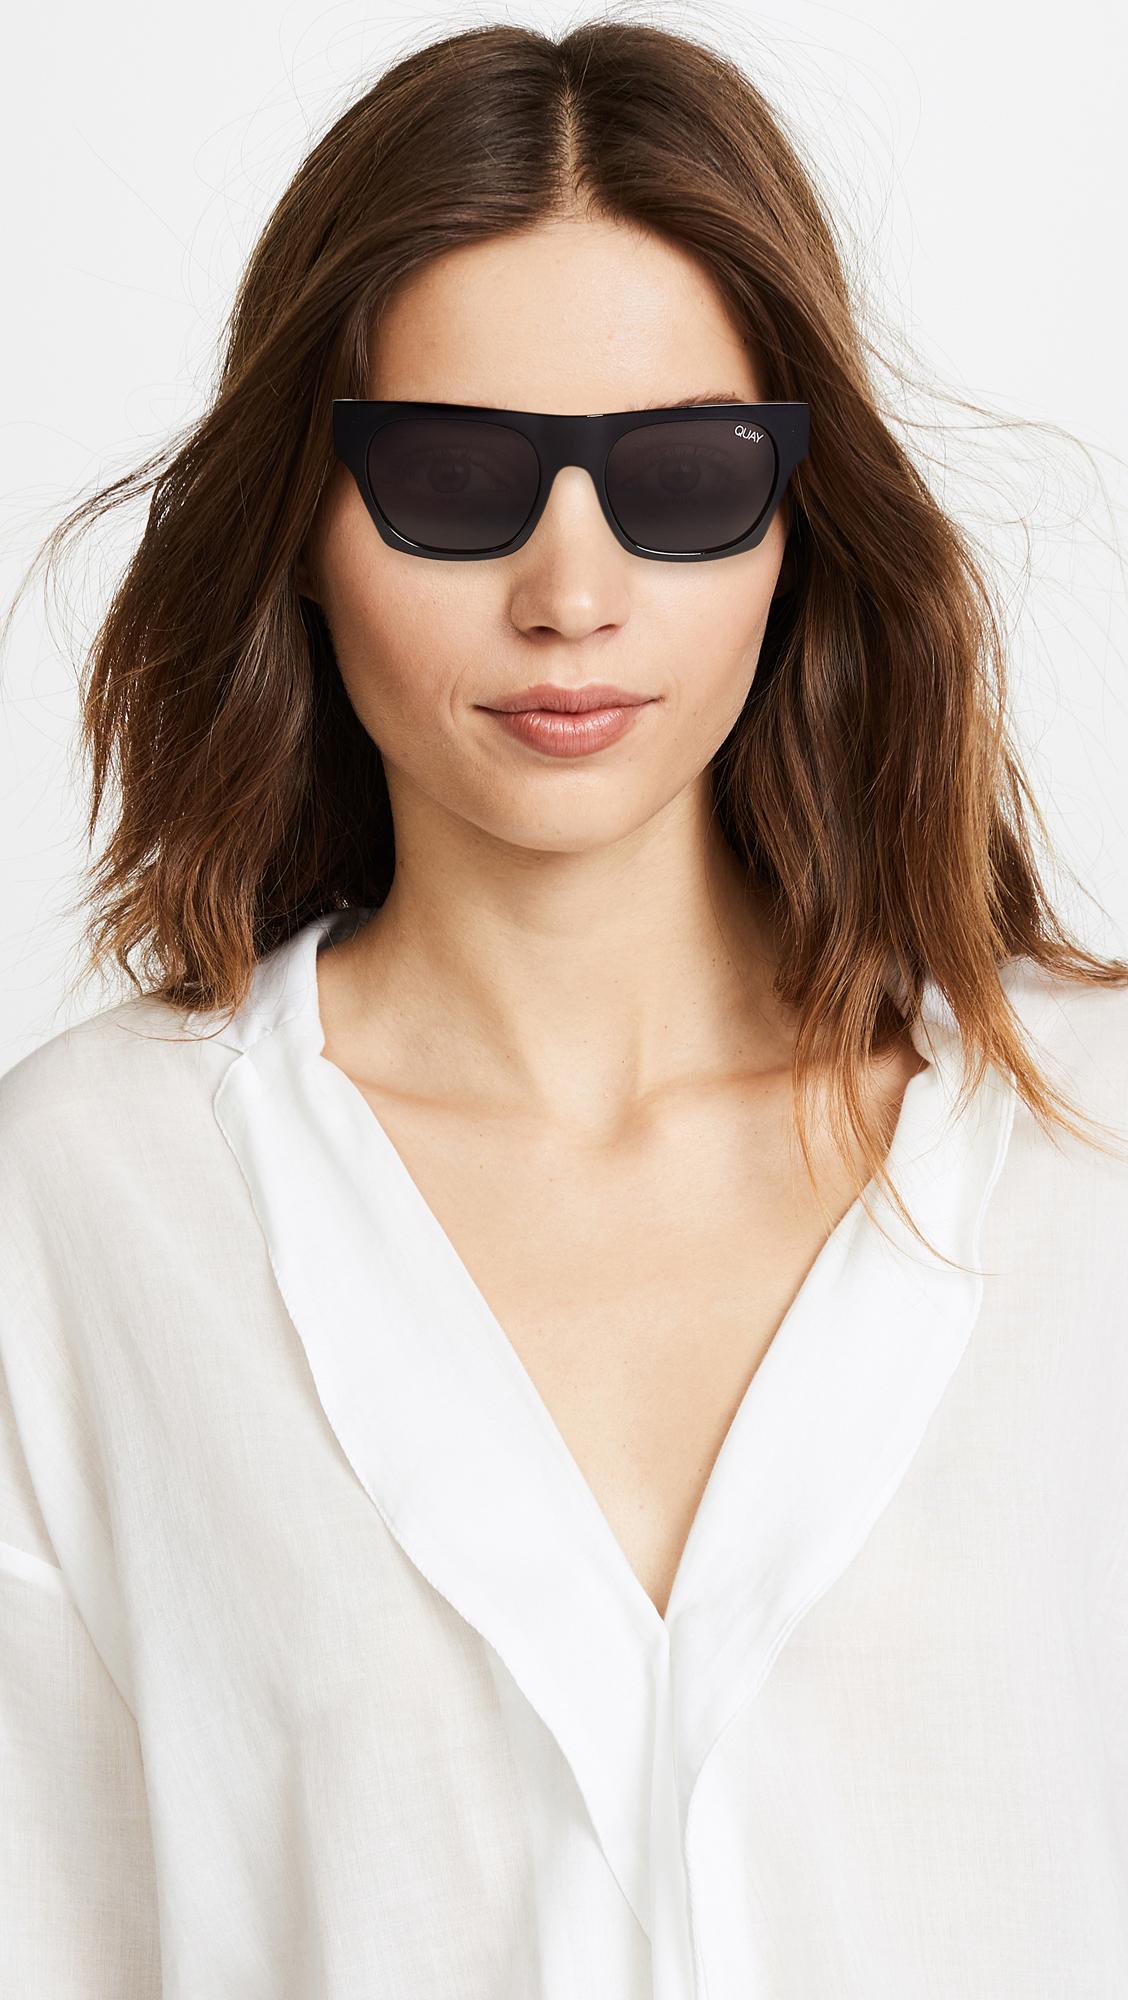 84d538737ba86 Quay Something Extra Sunglasses